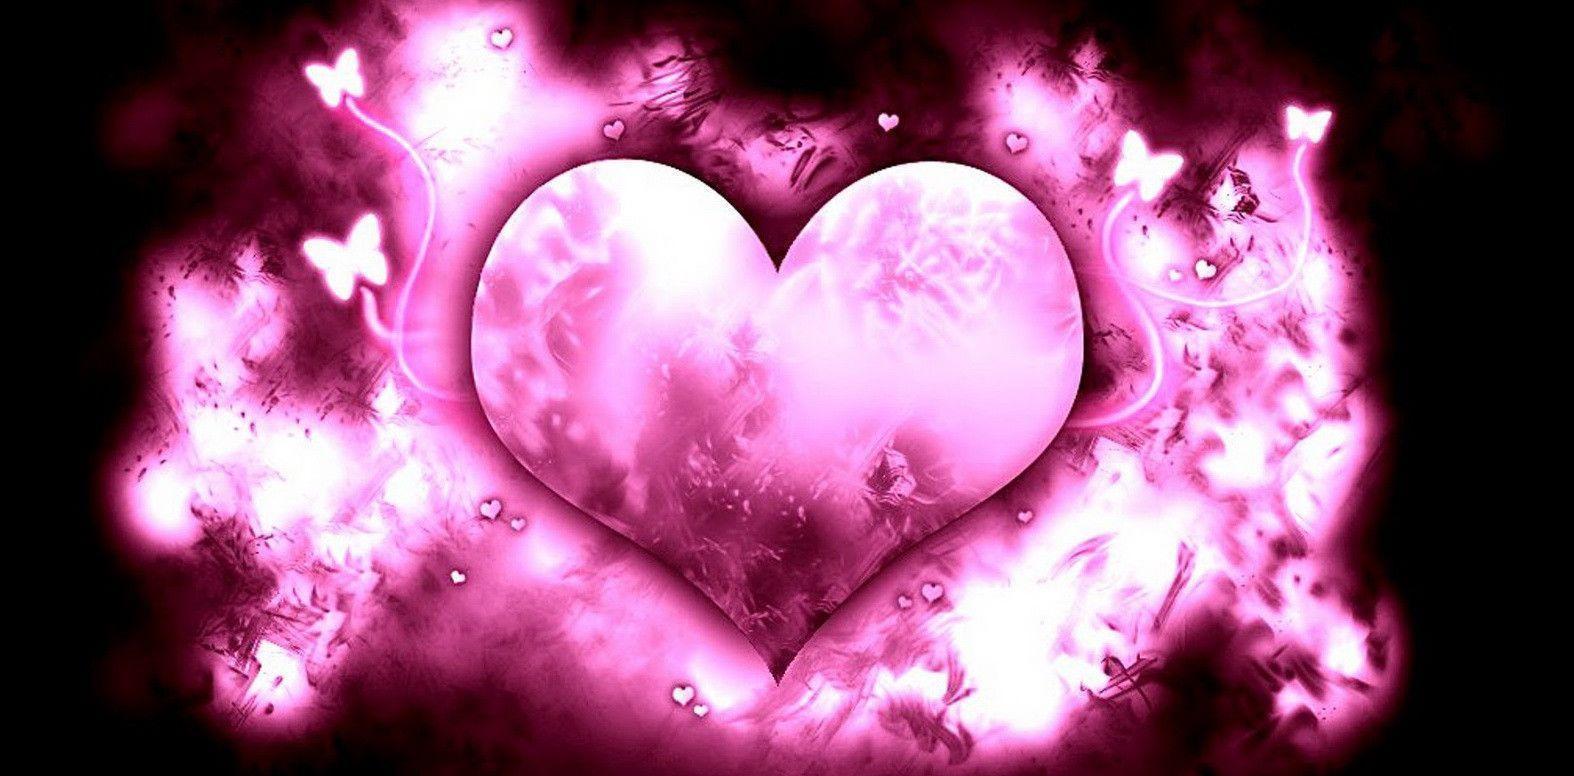 Прикольные, картинки сердечки с разными надписями